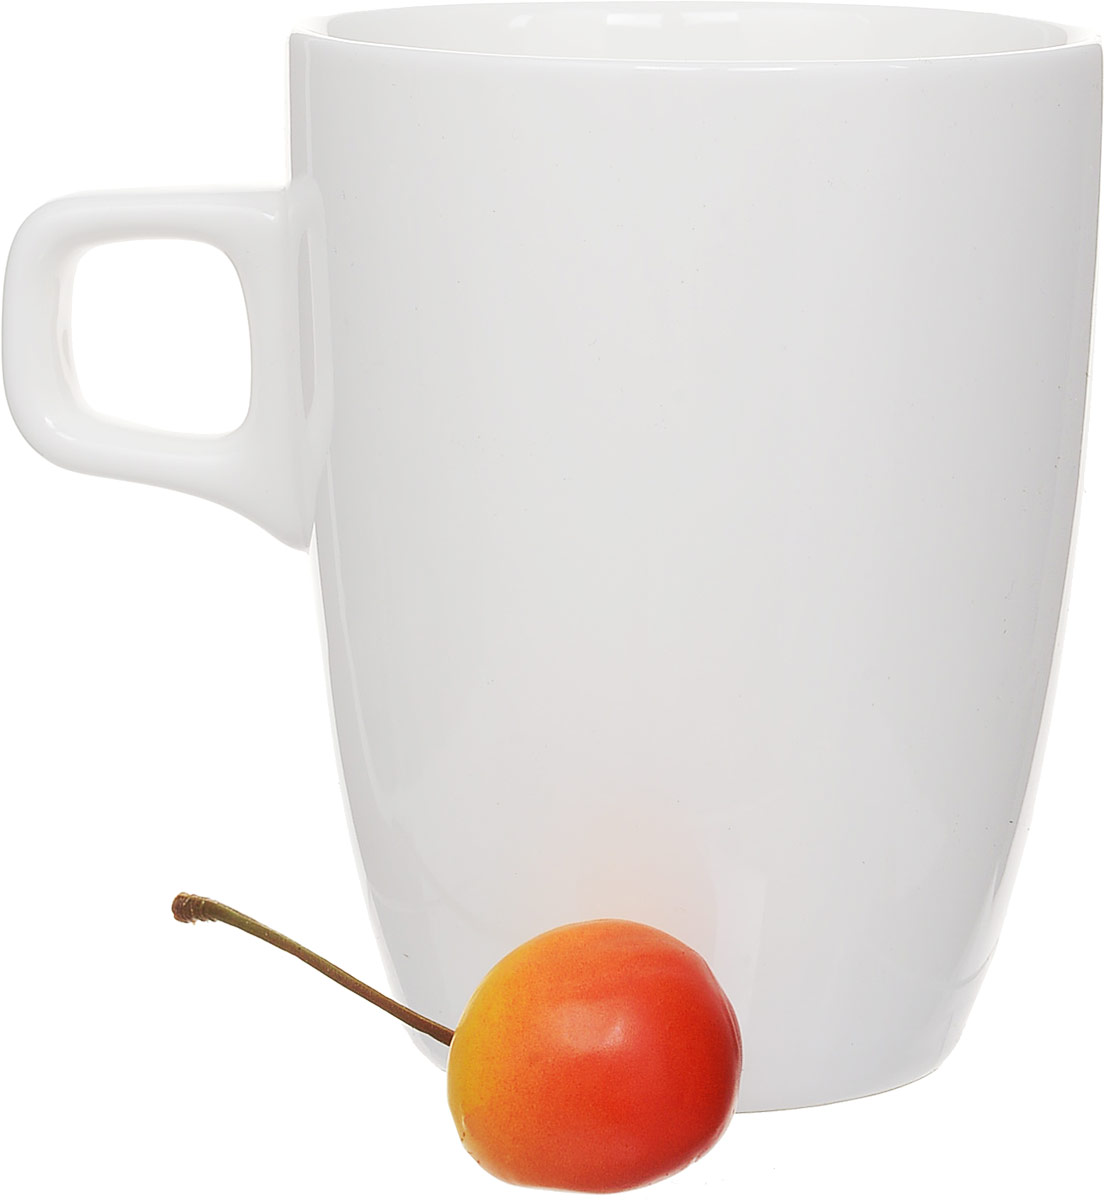 """Штабелируемая кружка """"Wilmax"""", выполненная из  высококачественного фарфора, оснащена удобной ручкой.  Такая кружка впишется в любой интерьер современной  кухни, а также станет отличным дополнением к сервировке  праздничного или обеденного стола.  Диаметр кружки (по верхнему краю): 8 см."""